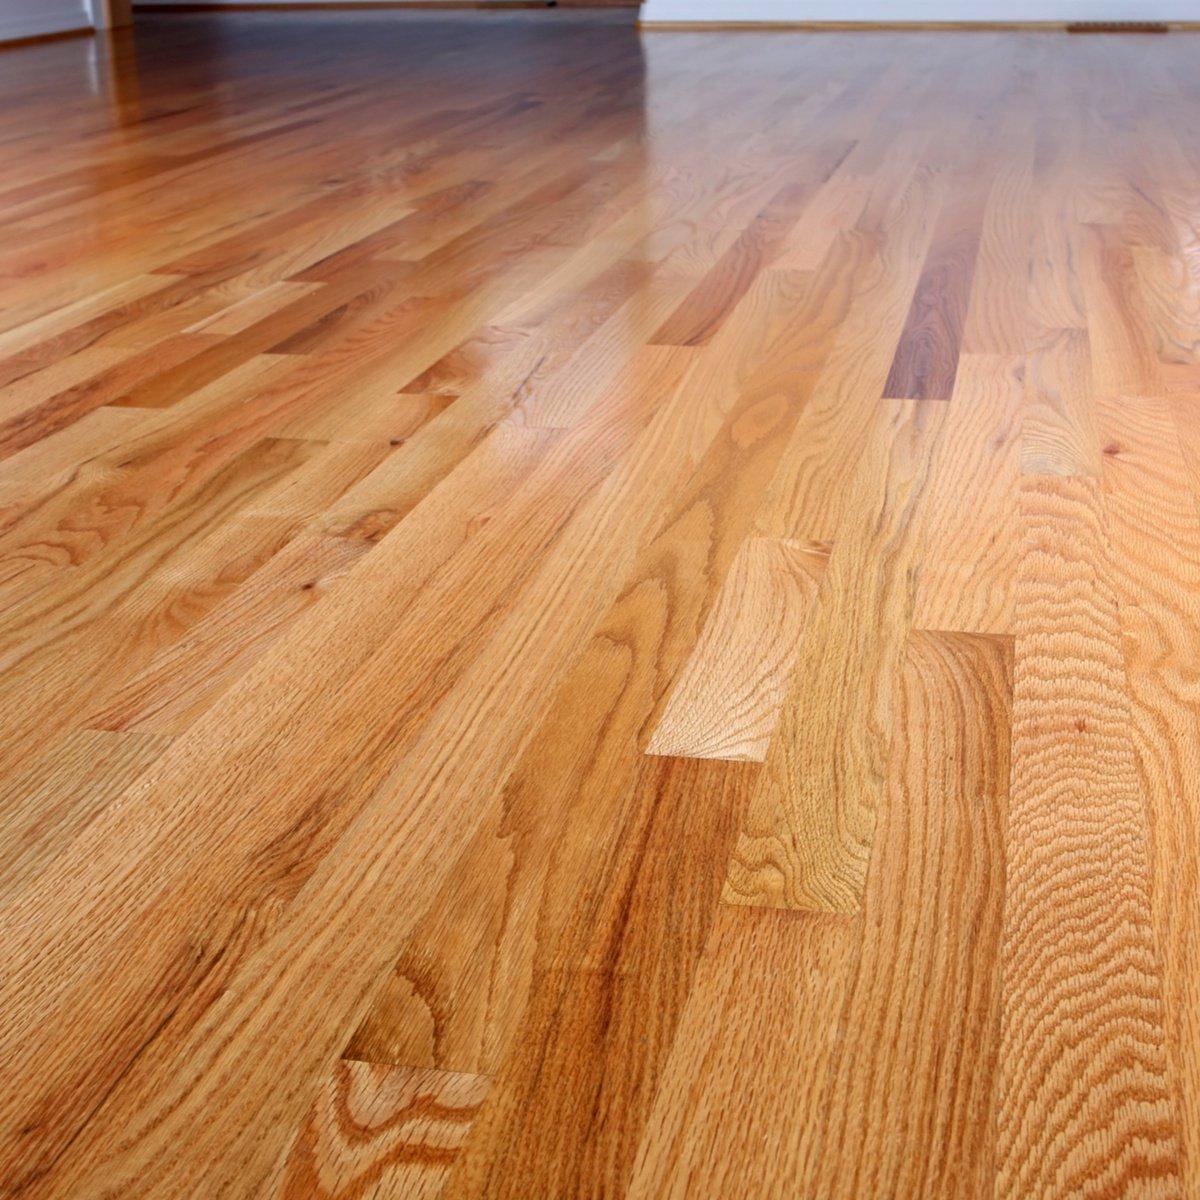 Looking wood furniture